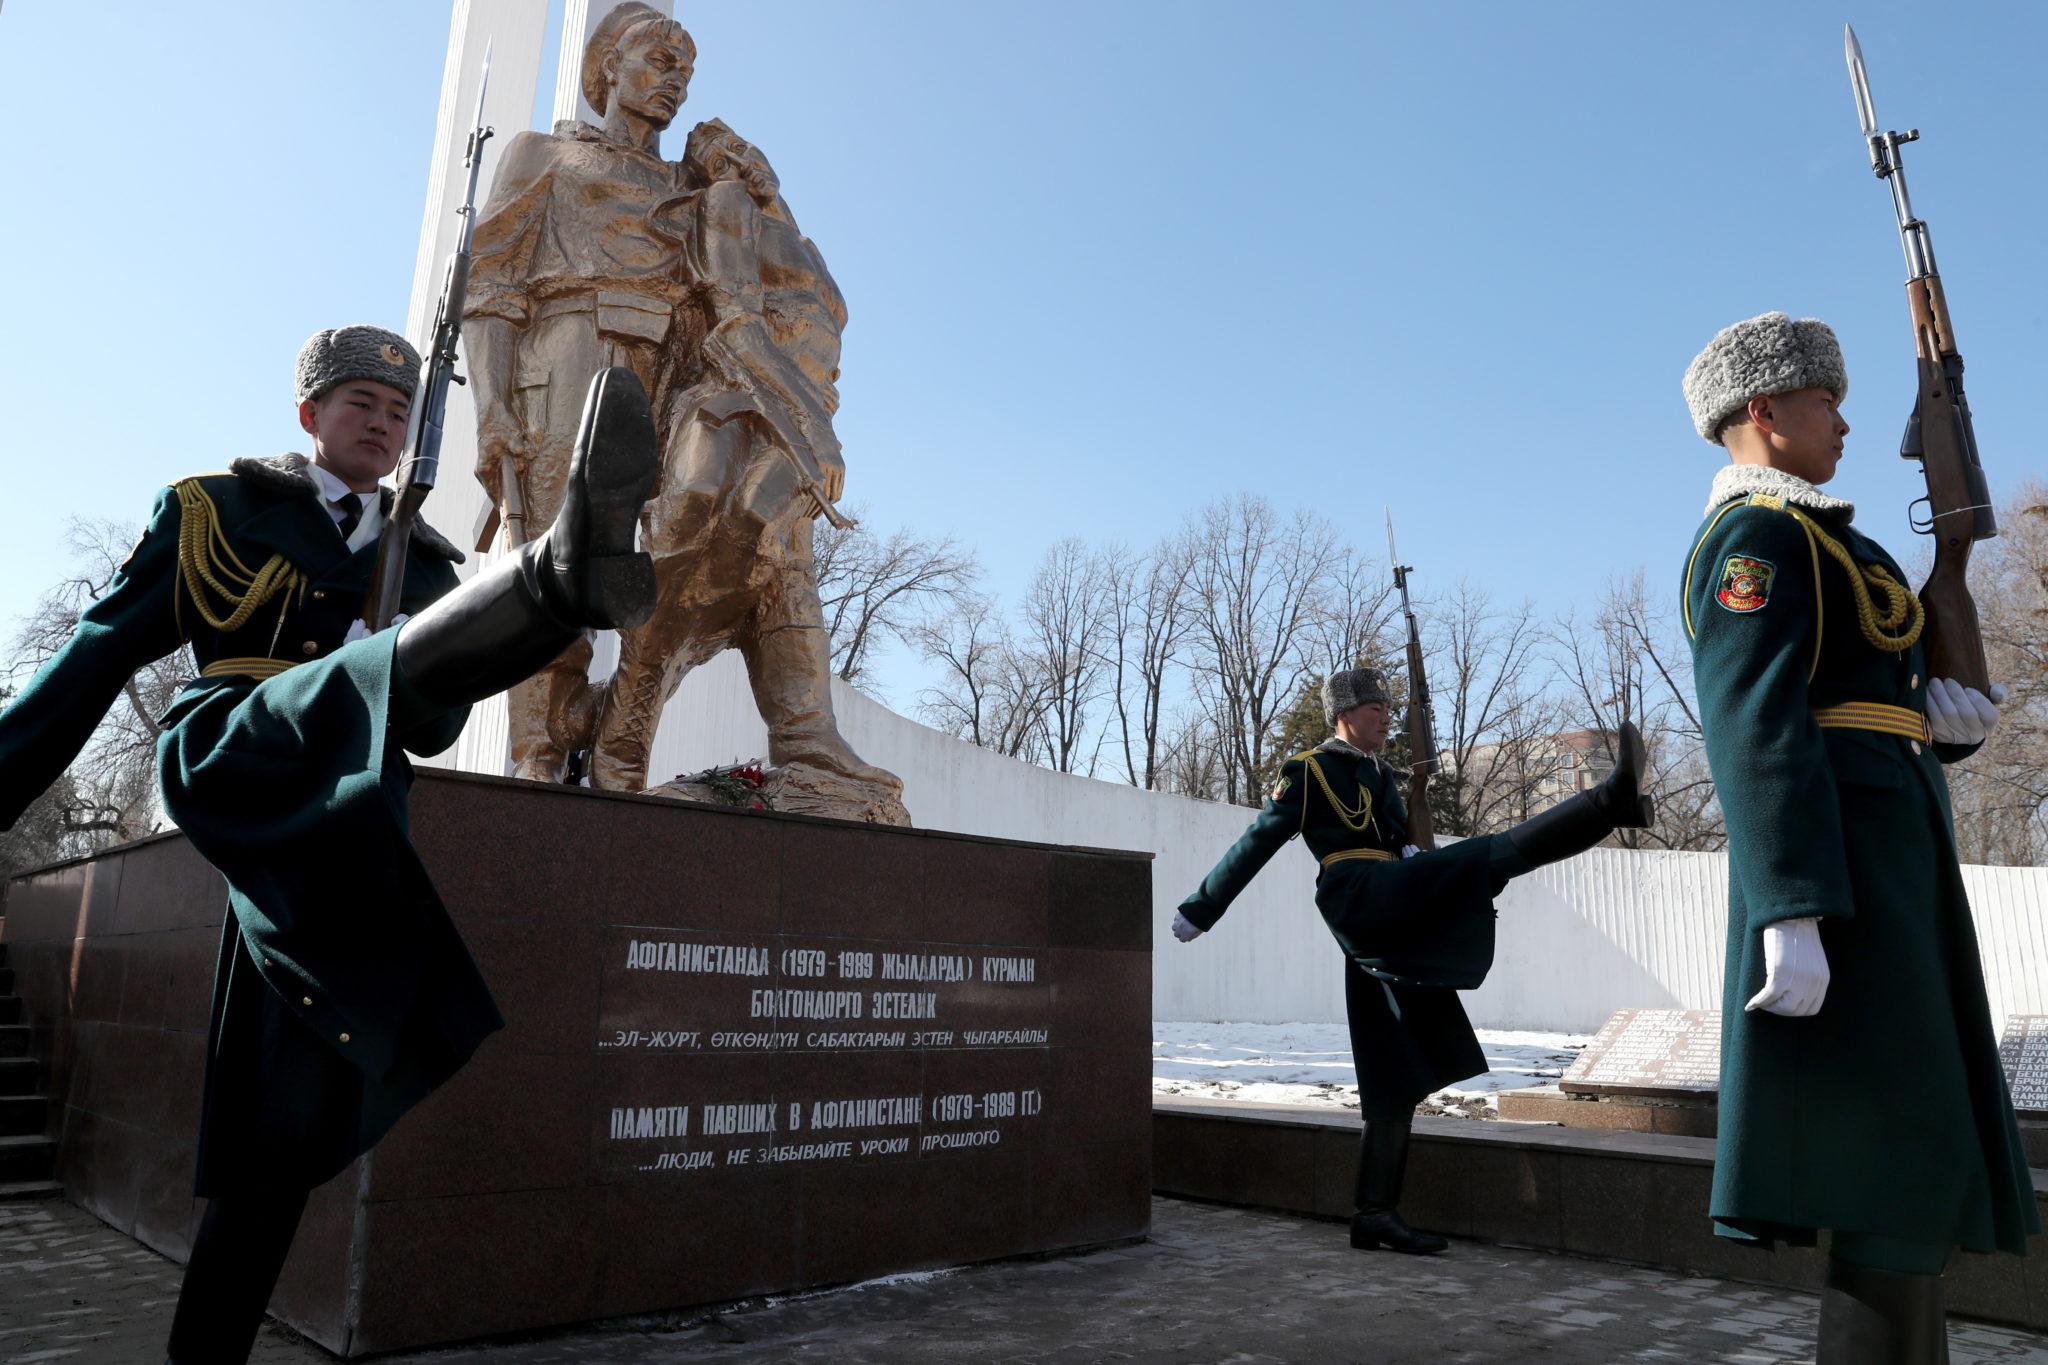 Uroczysta zmiana warty w Afganistanie. Kraj świętuje rocznicę opuszczenia go przez wojska sowieckie. fot. EPA/IGOR KOVALENKO